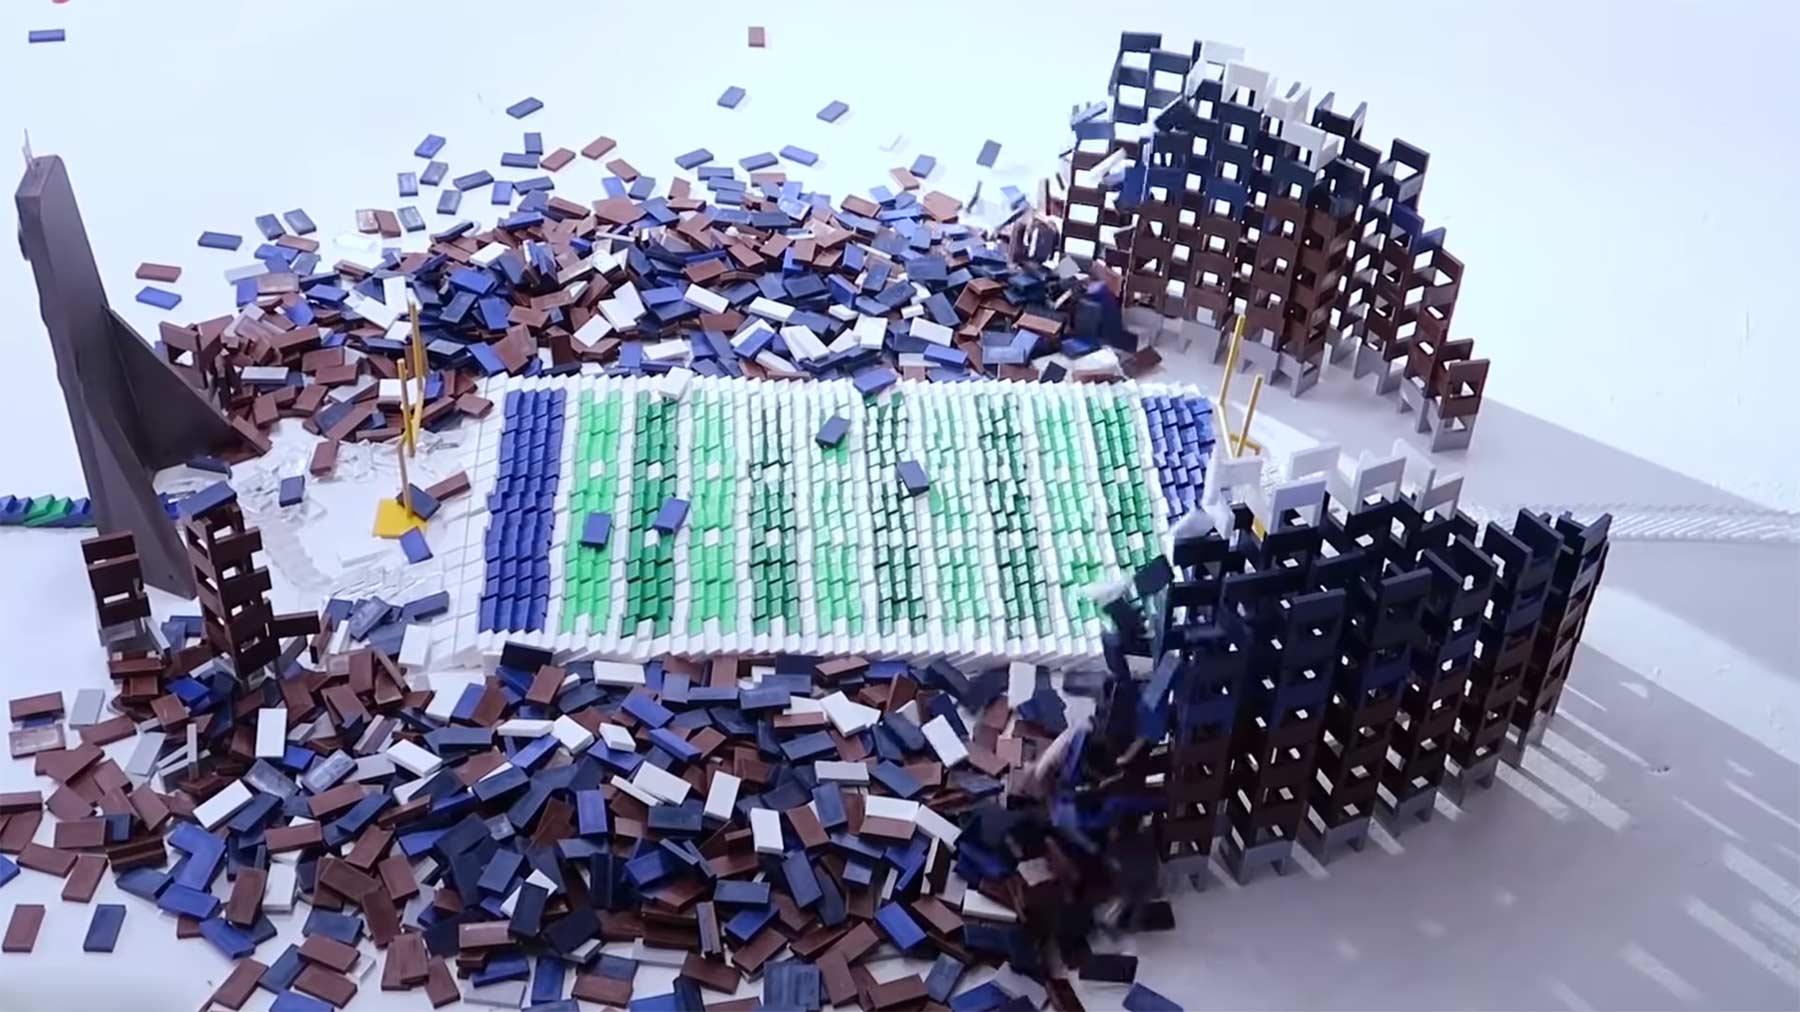 100.000 Dominosteine bauen sich von alleine auf 100000-dominos-rueckwaerts